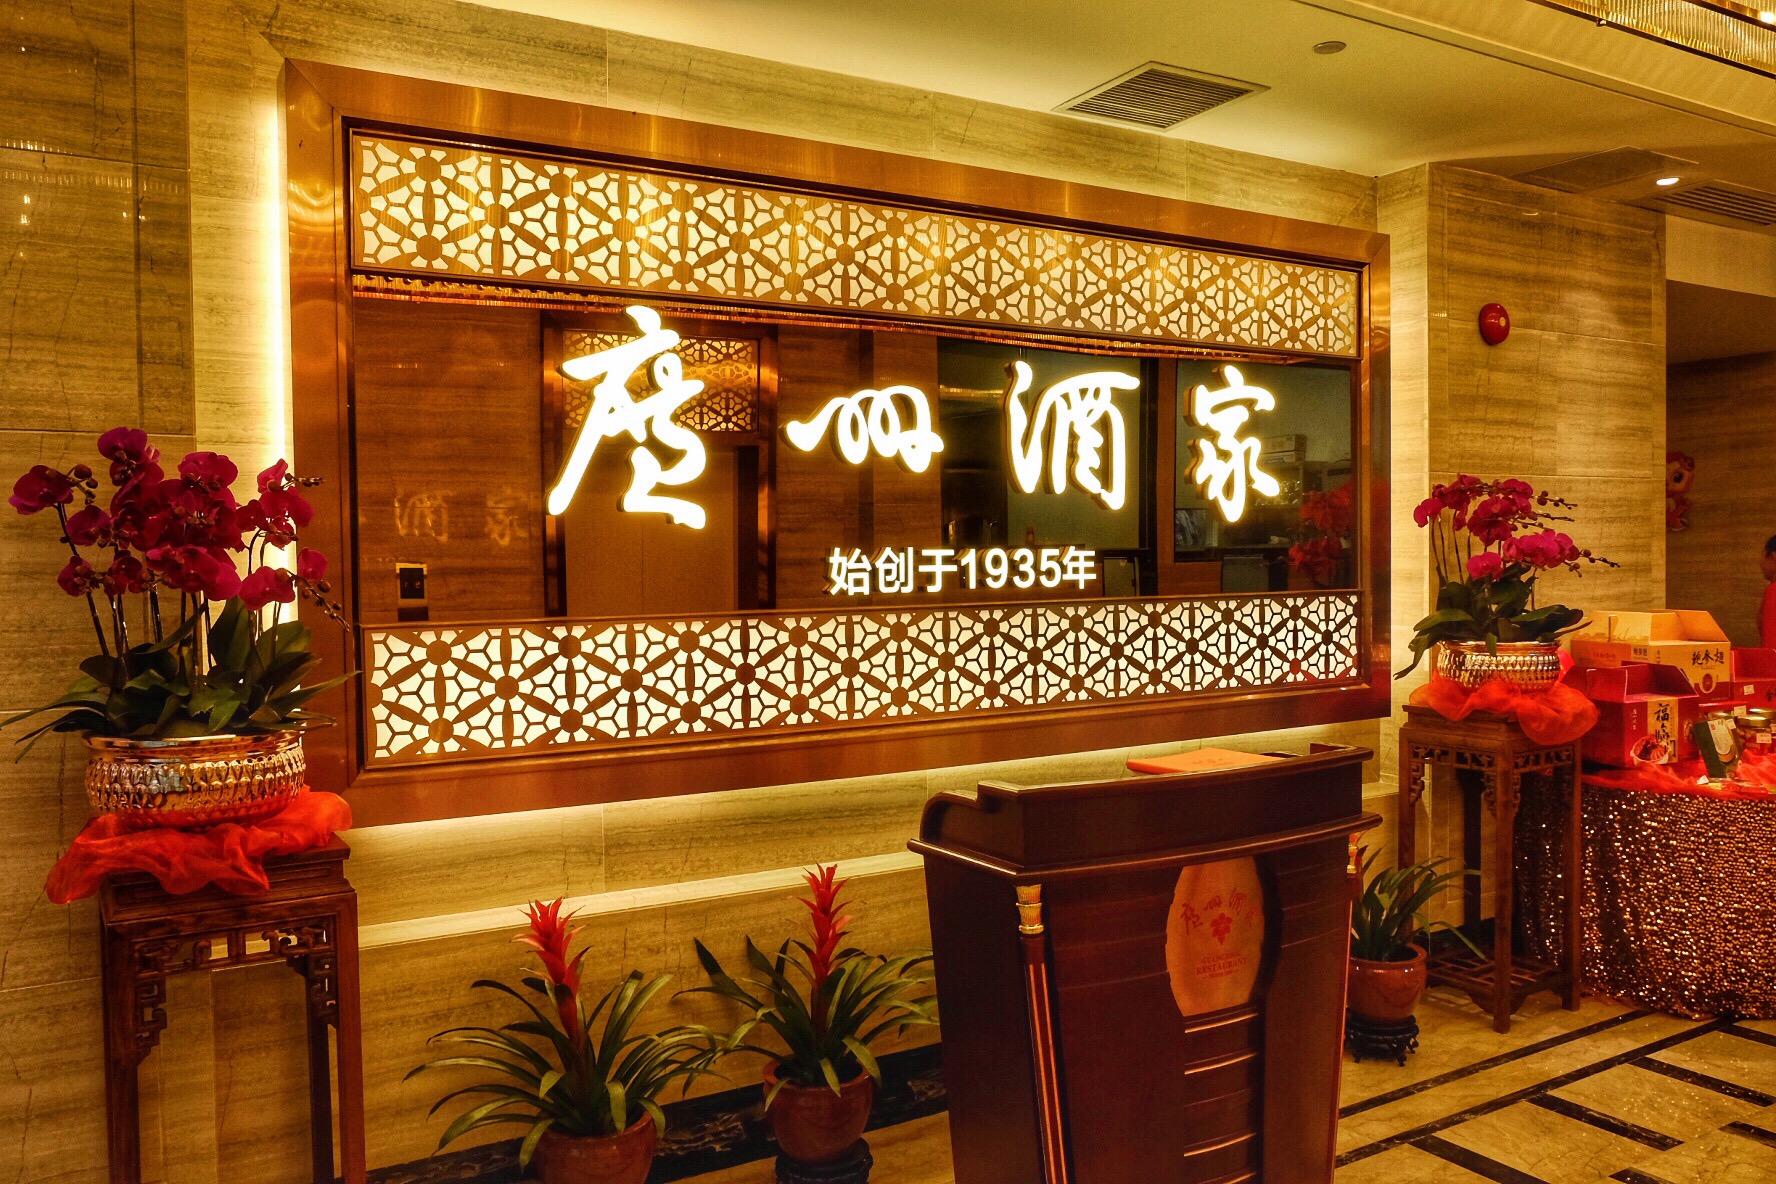 广州酒家黄埔大道店